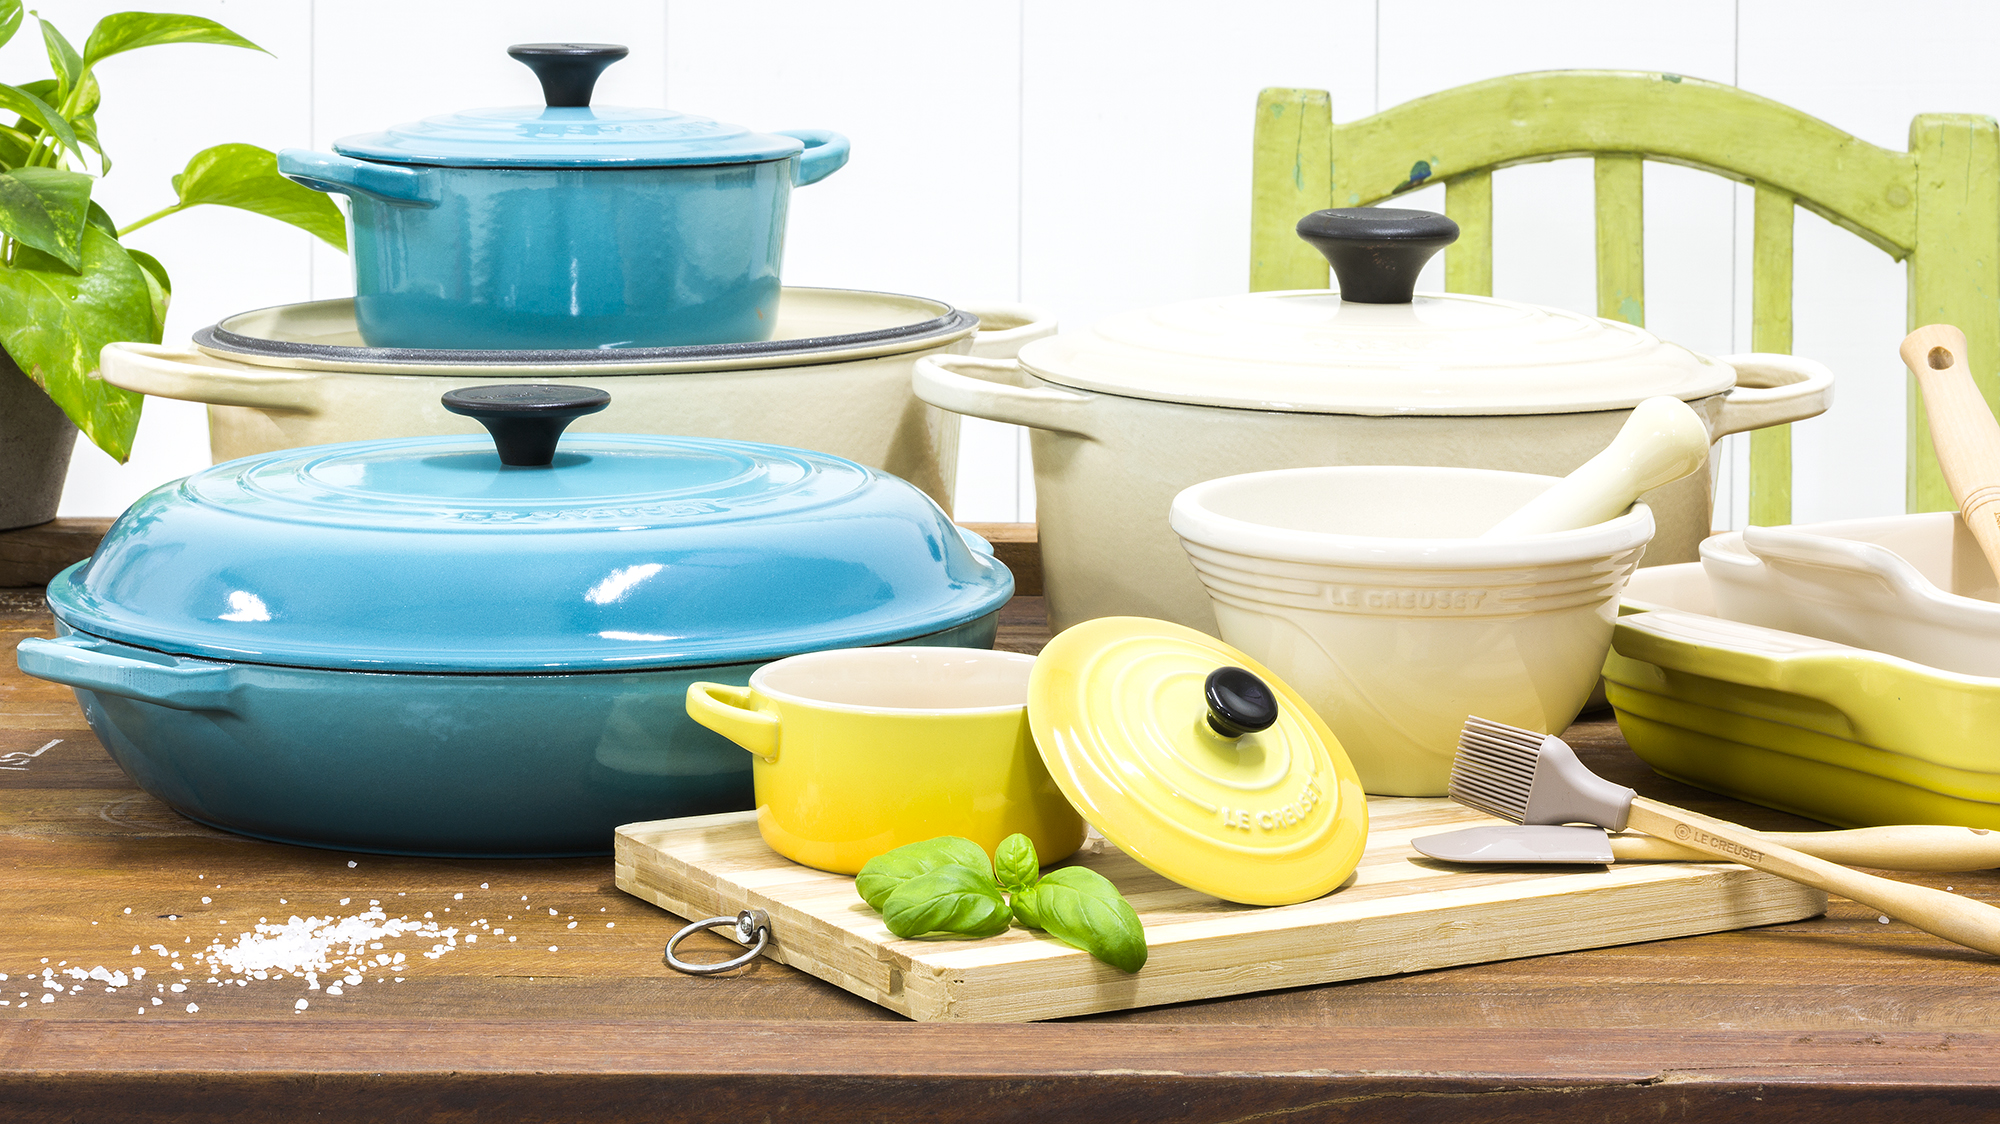 Фото чугунной эмалированной посуды